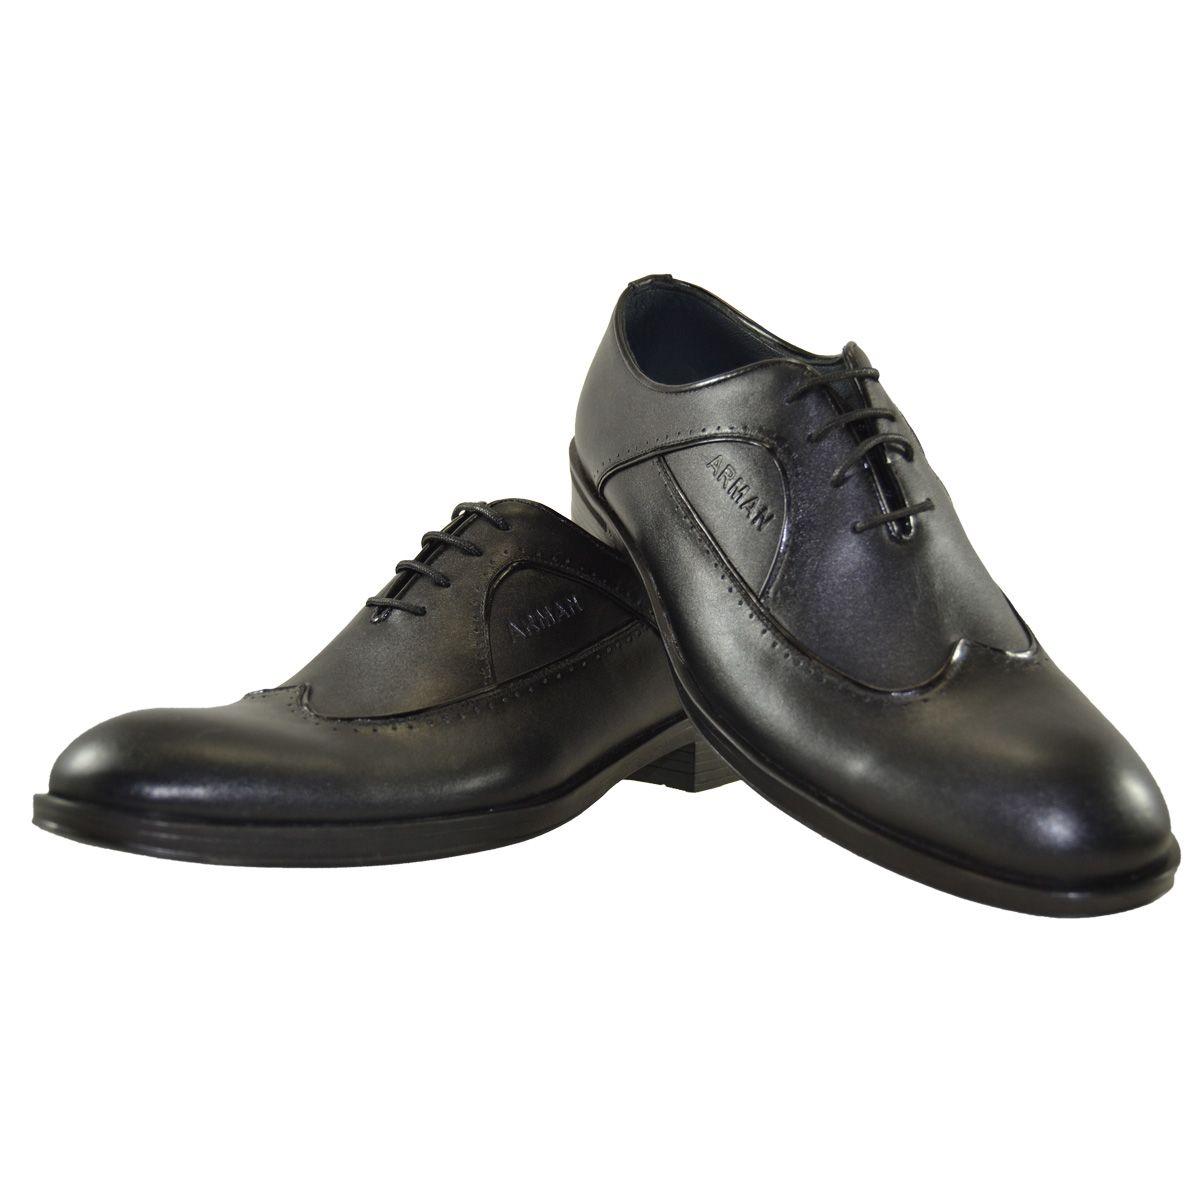 کفش مردانه کد 231 -  - 3